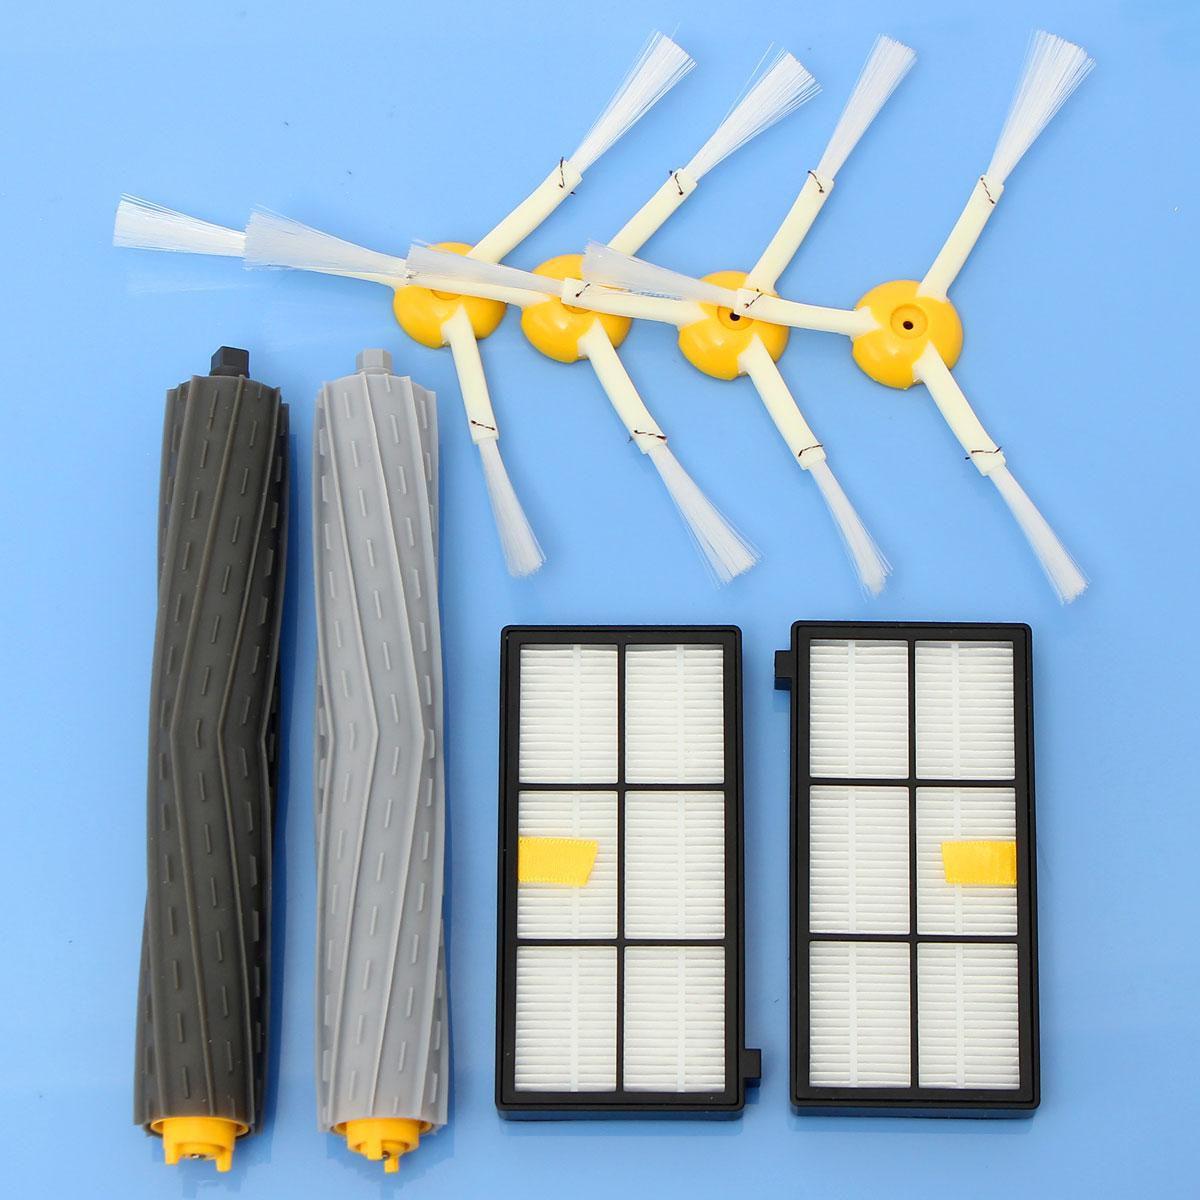 Hepa Filter & Brush kit For iROBOT ROOMBA 800 900 series 880 870 900 980 cleaner